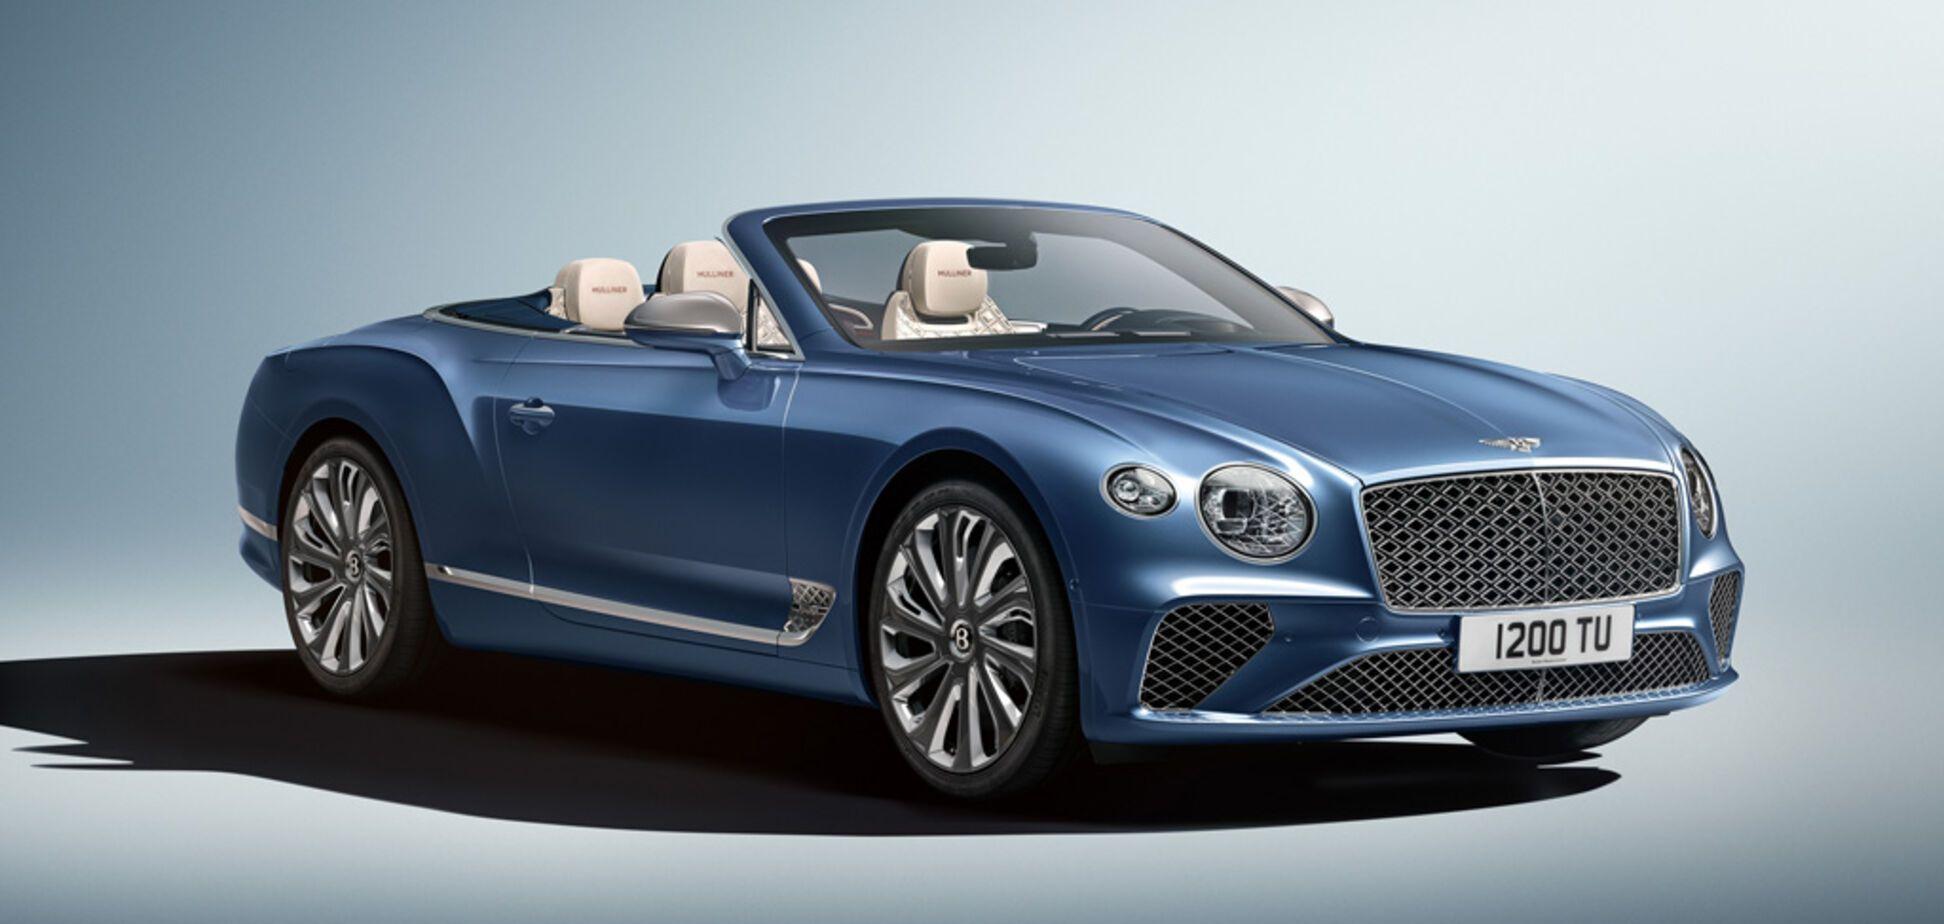 У Bentley Continental GT появится новая открытая версия